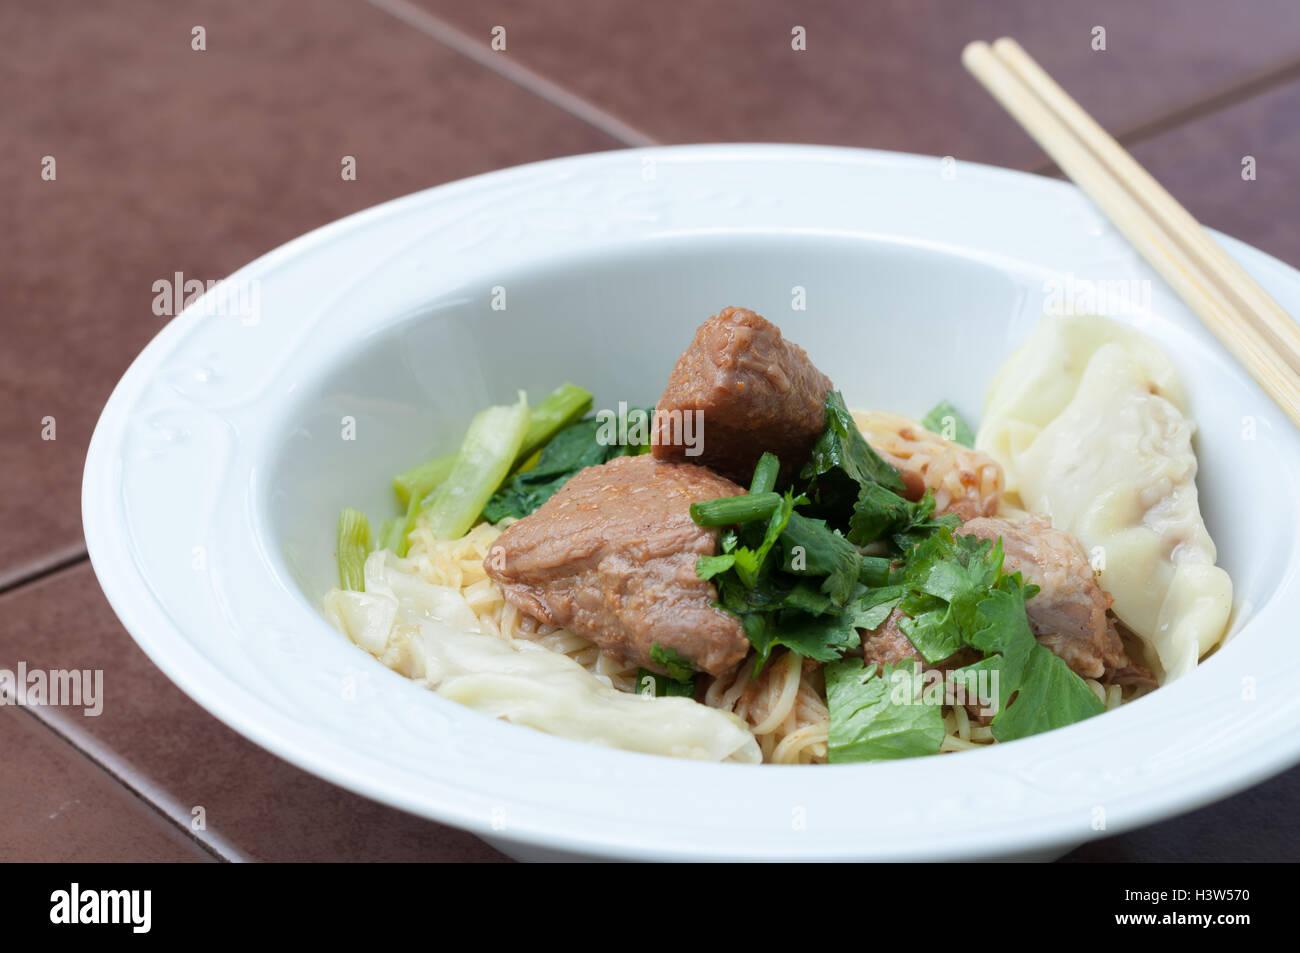 Eiernudeln mit köstlich geschmortes Schweinefleisch und Knödel, zugemacht. Stockbild